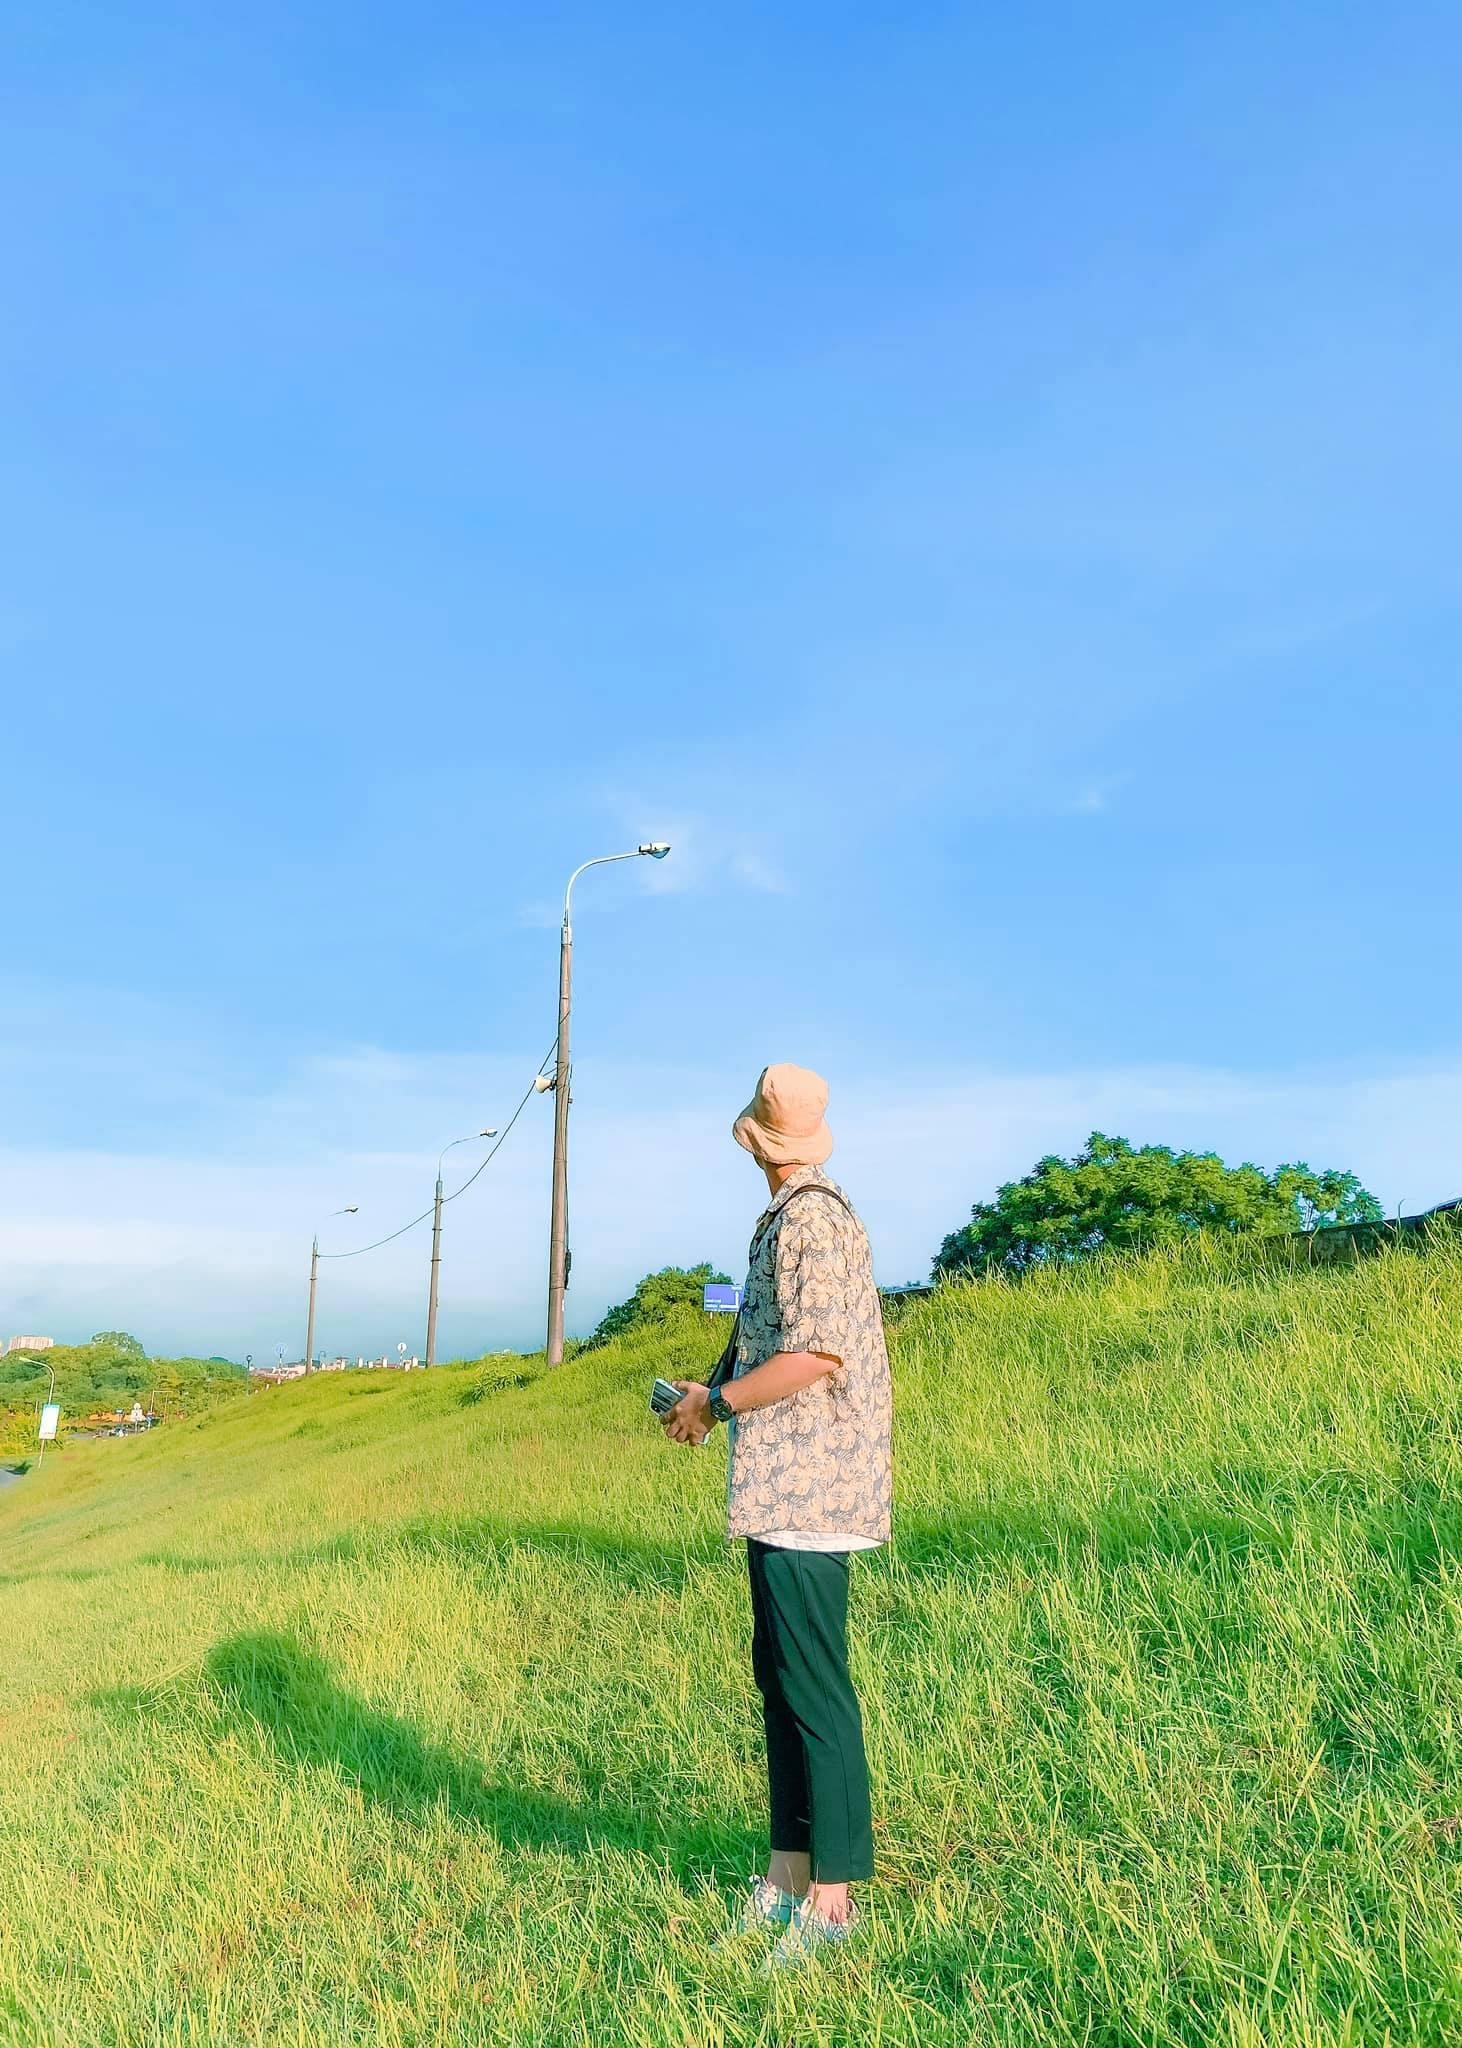 triền cỏ xanh như phim anime Nhật Bản ở gần Hà Nội